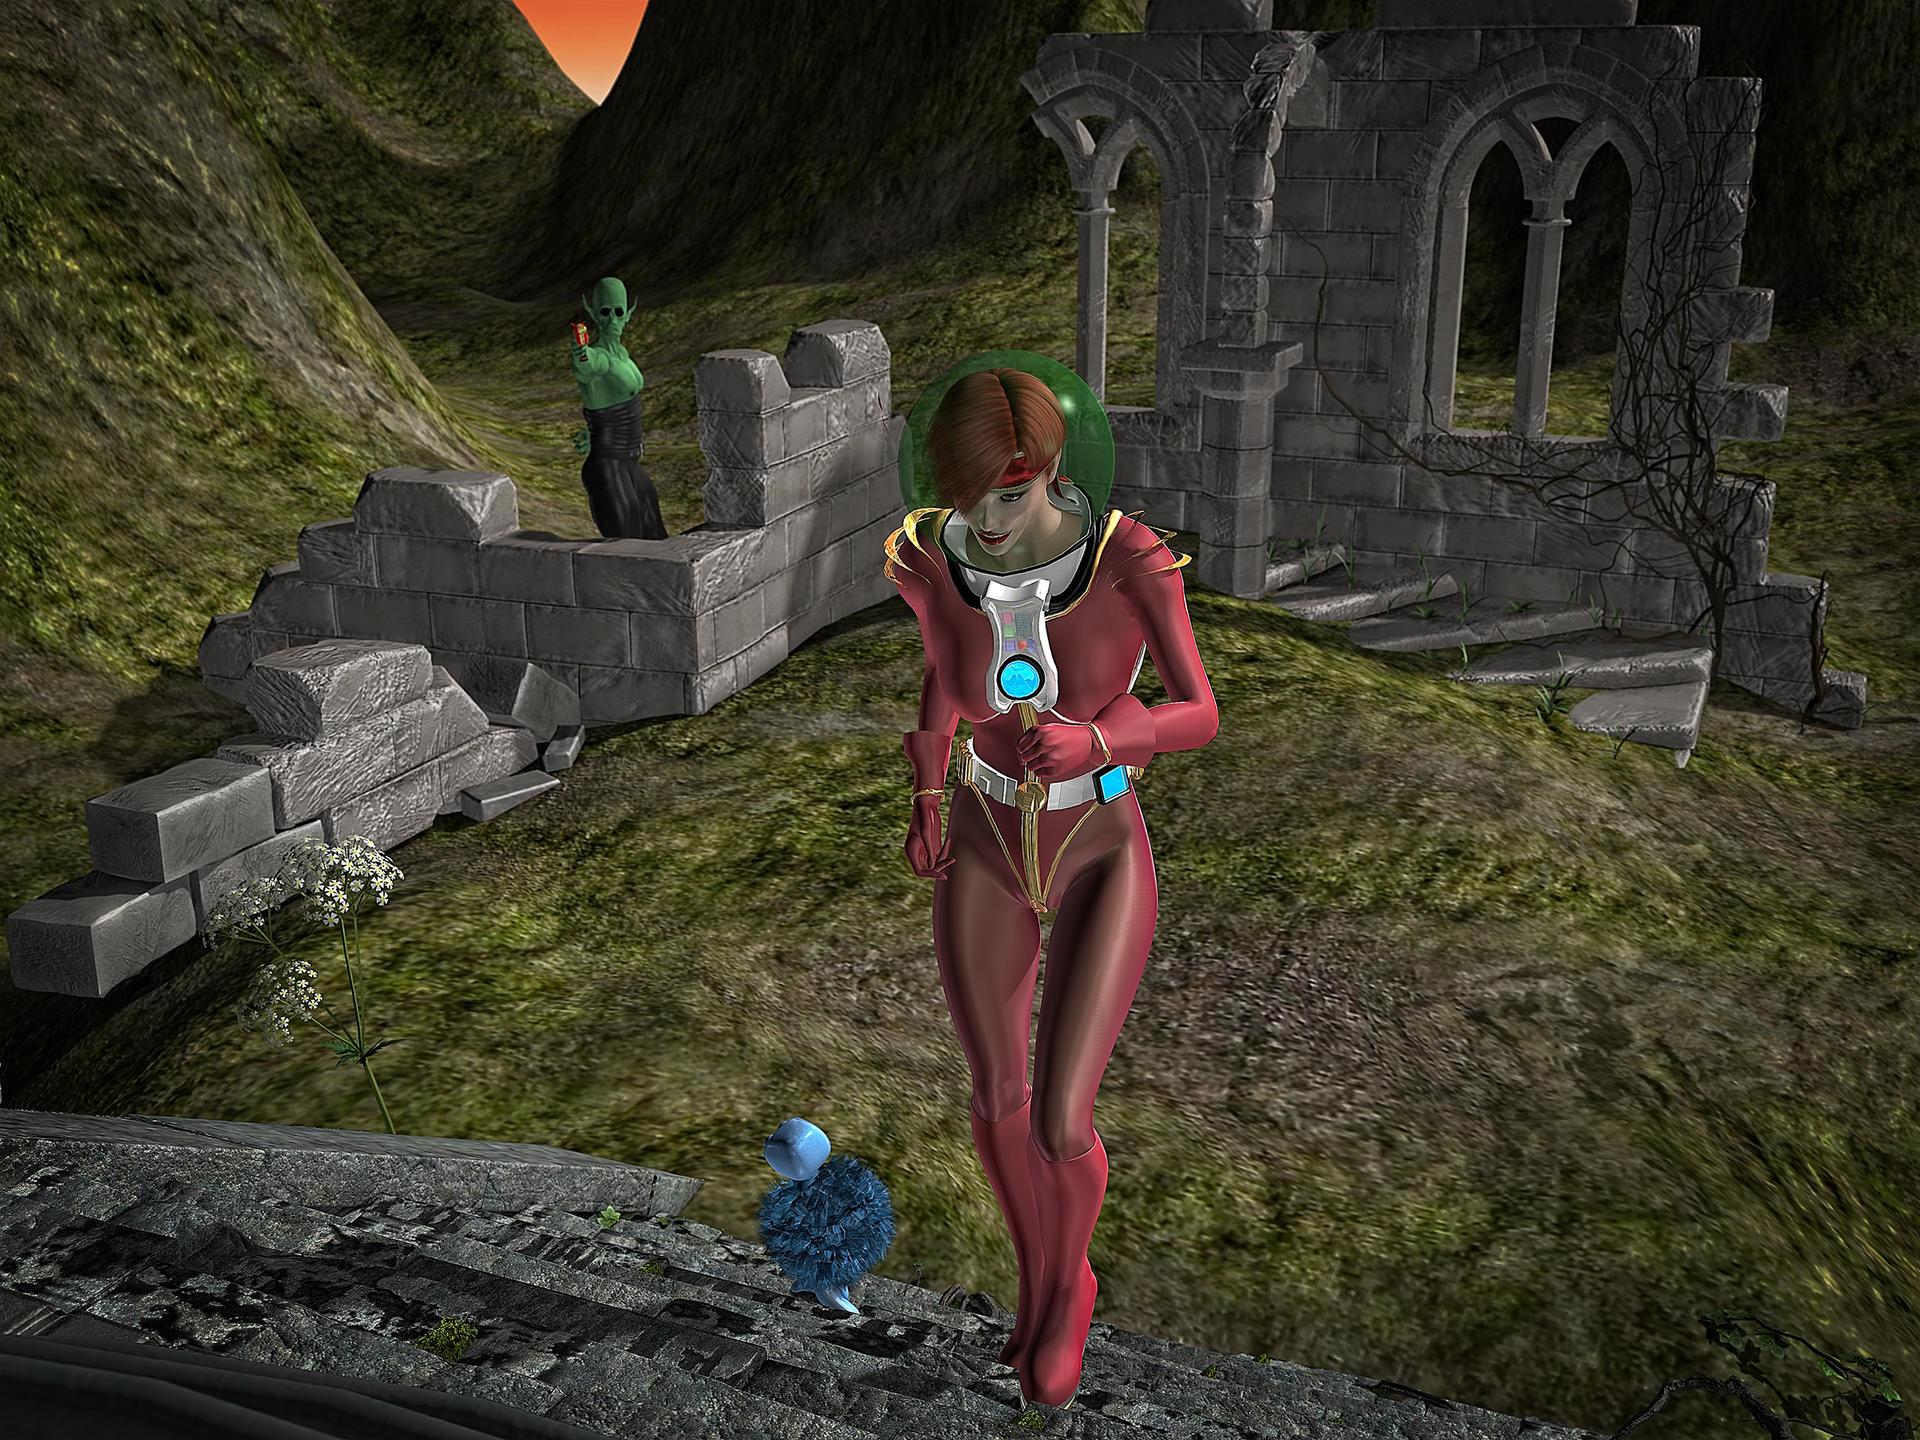 SpaceGirl Stalker - 2